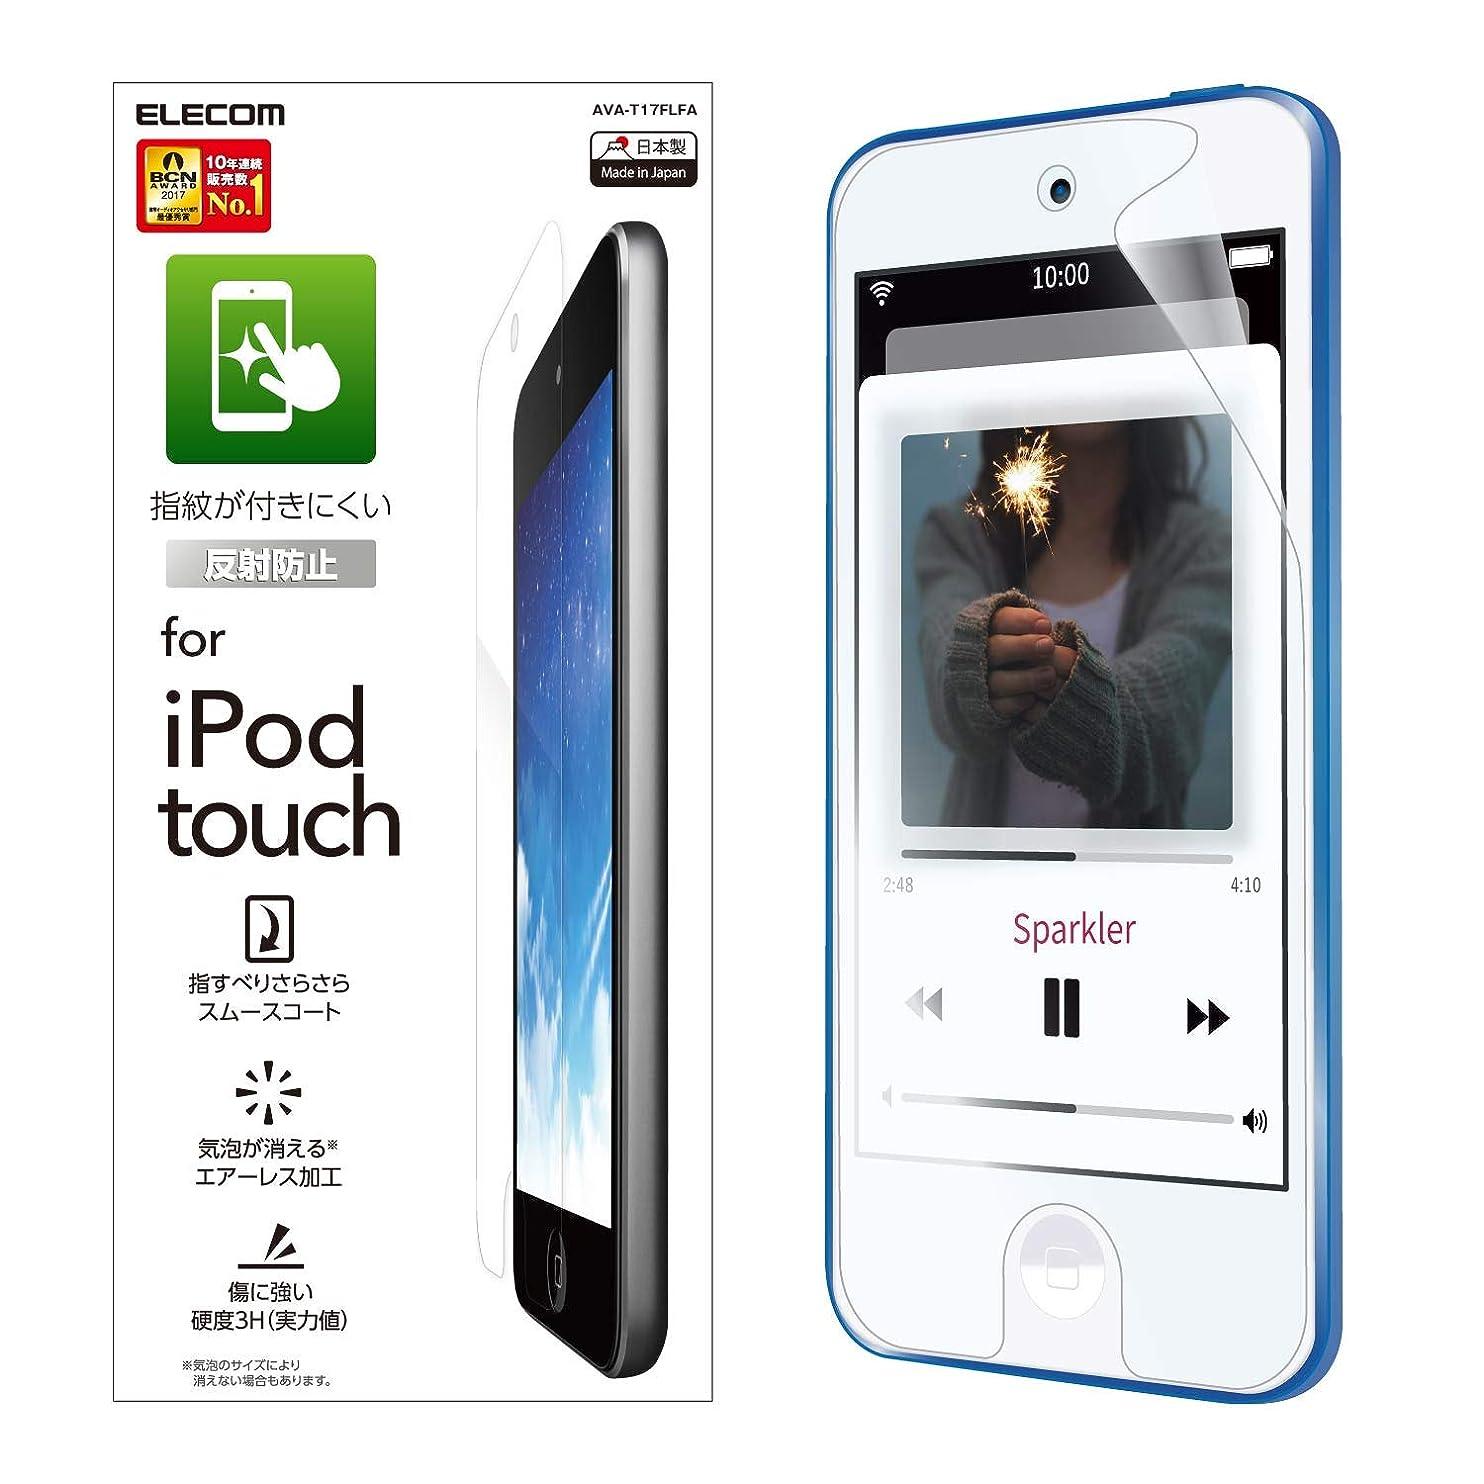 雨のモザイク外交官エレコム iPod Touch/液晶保護フィルム/防指紋/反射防止